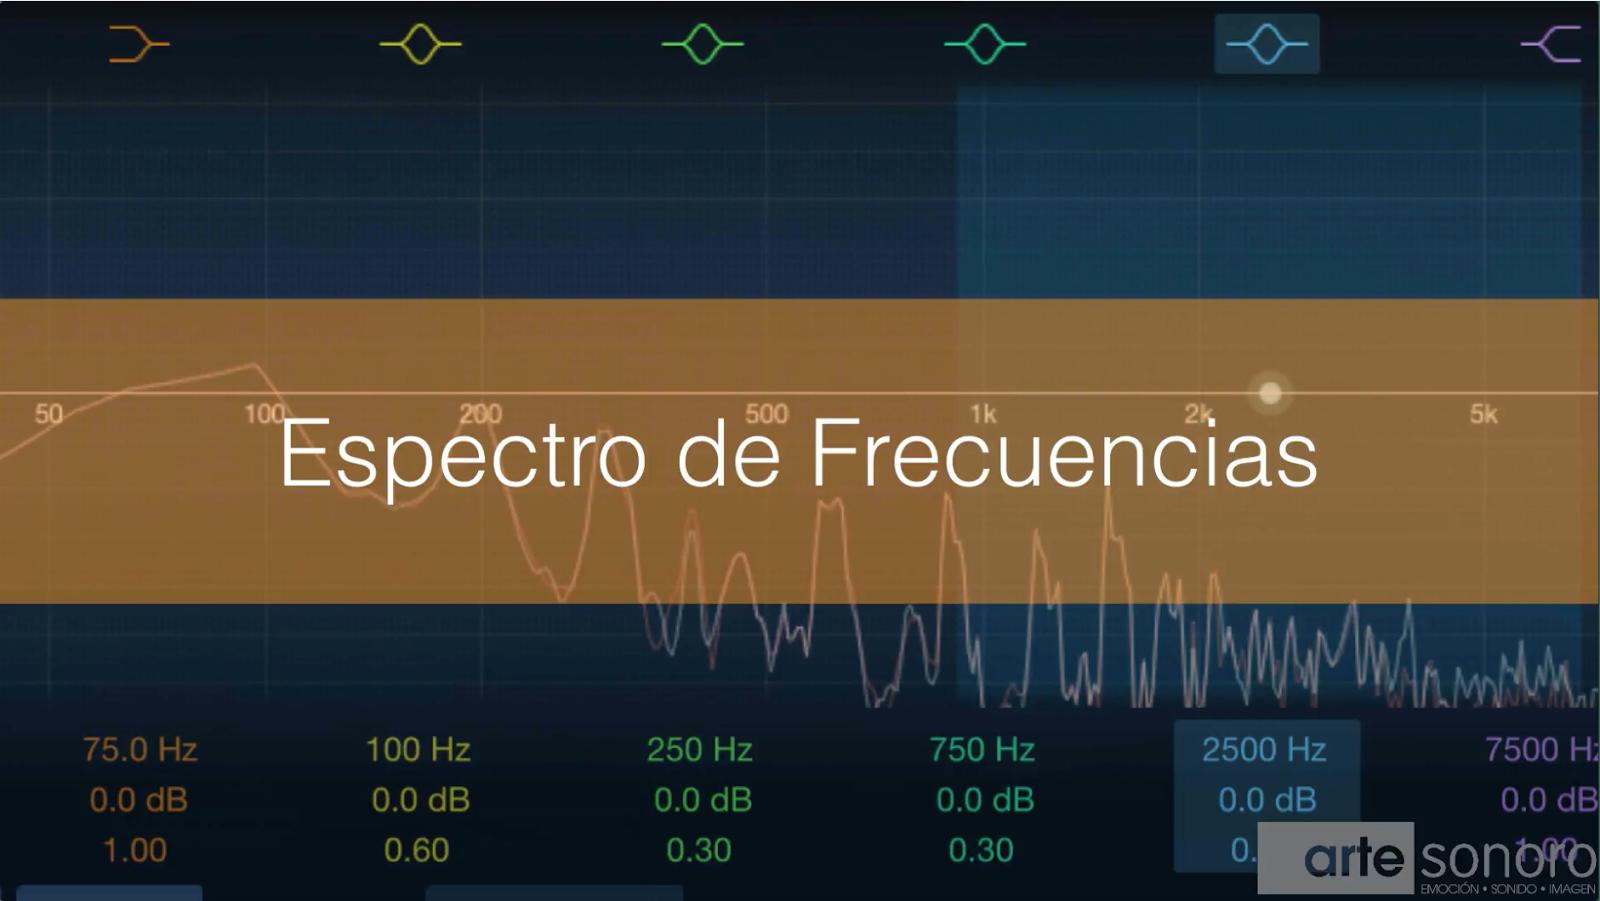 Espectro de Frecuencias del Sonido